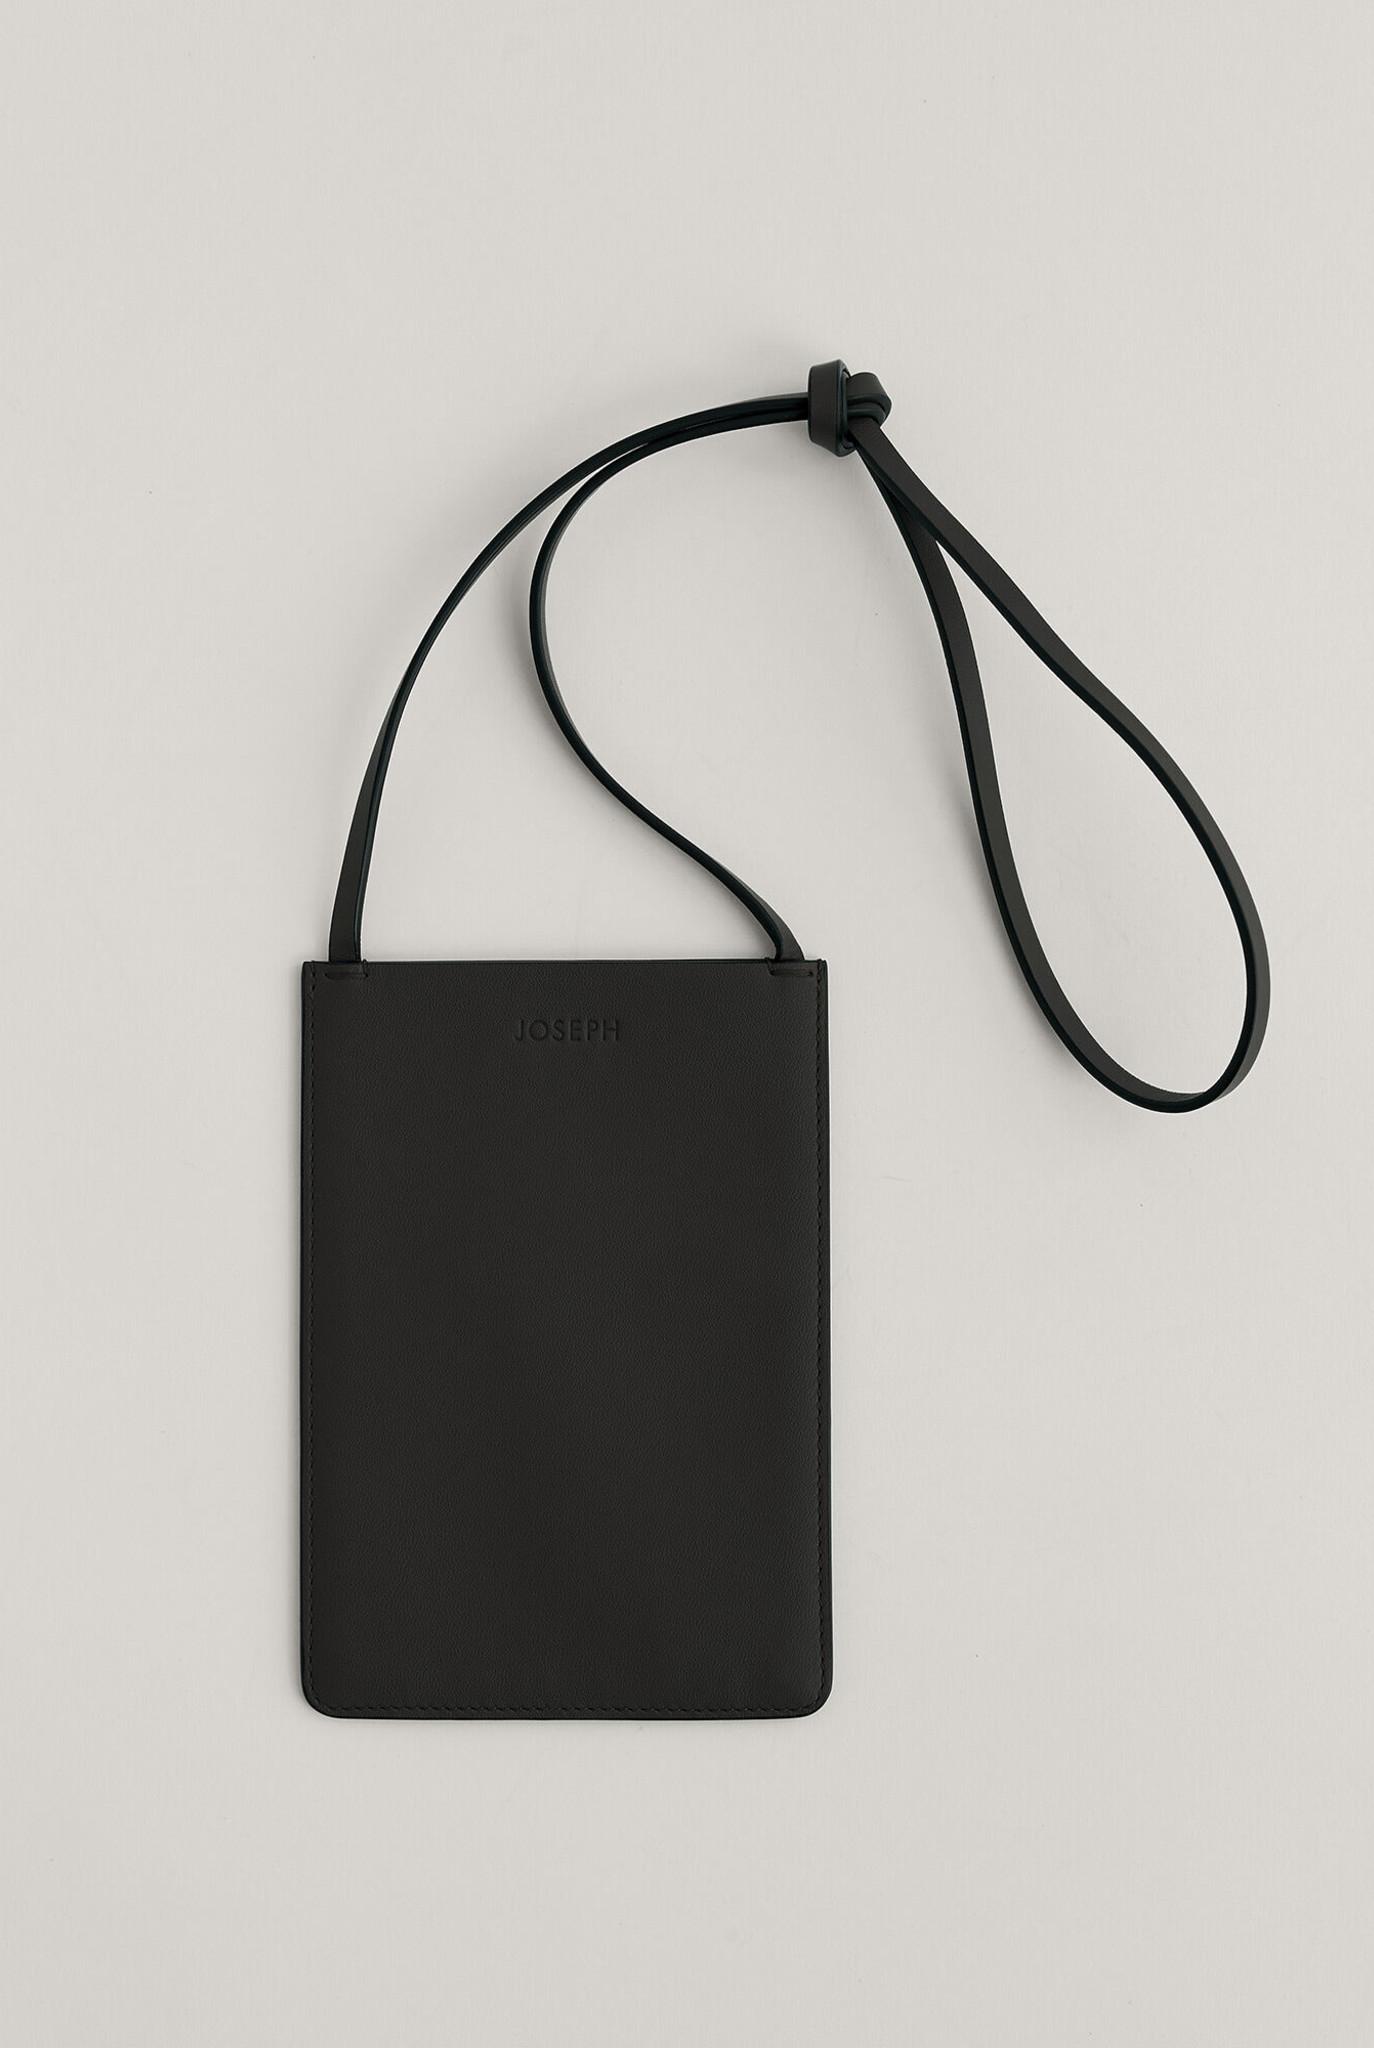 Pocket Bag Black